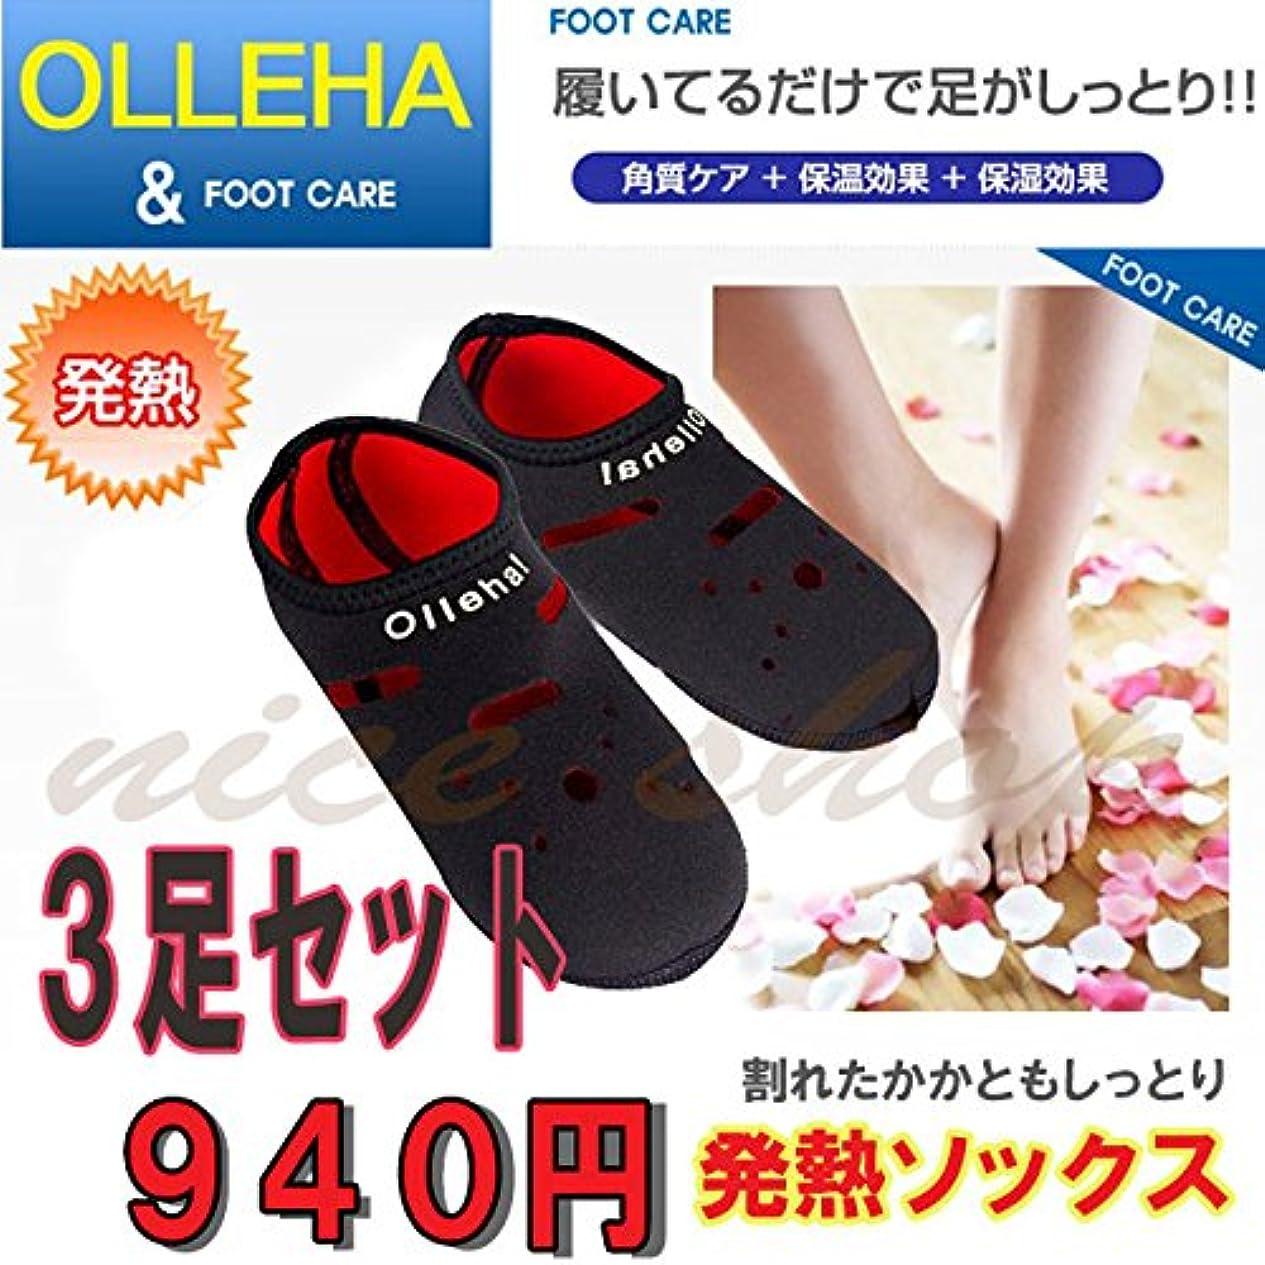 押すフラグラントディーラー発熱靴下(足袋)発熱ソックス、フットケアー Olleha! (XL(26.0~27.5))